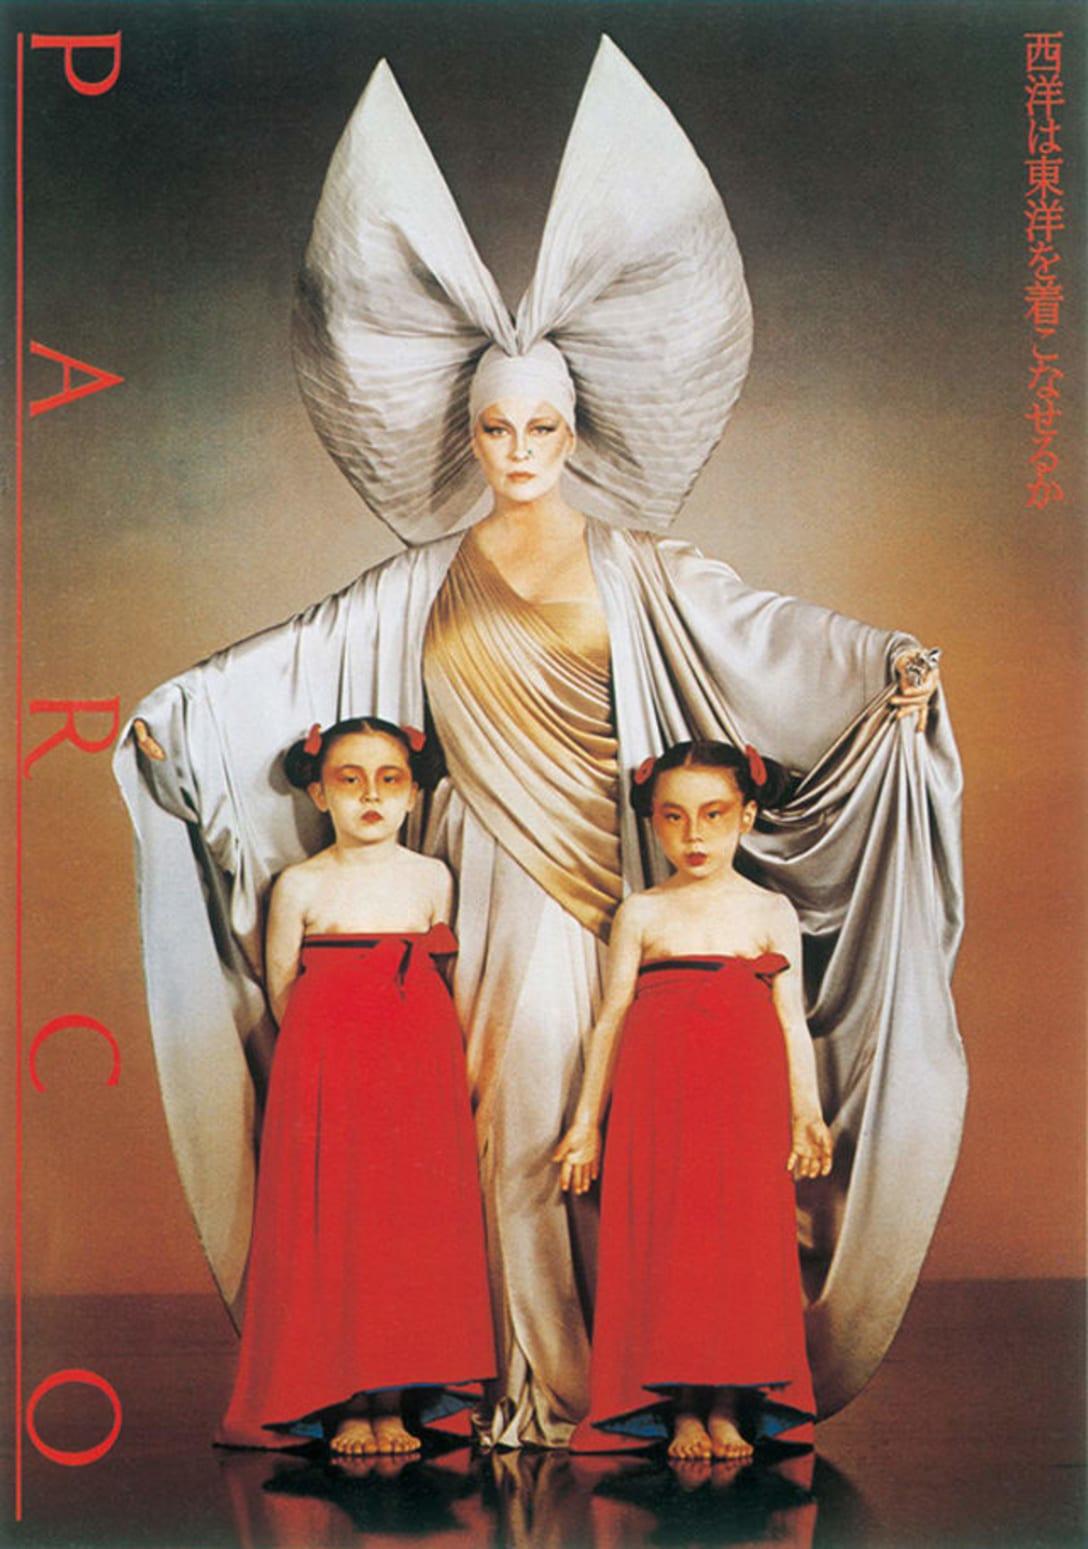 石岡瑛子 ポスター「西洋は東洋を着こなせるか」(パルコ、1979年) アート・ディレクション